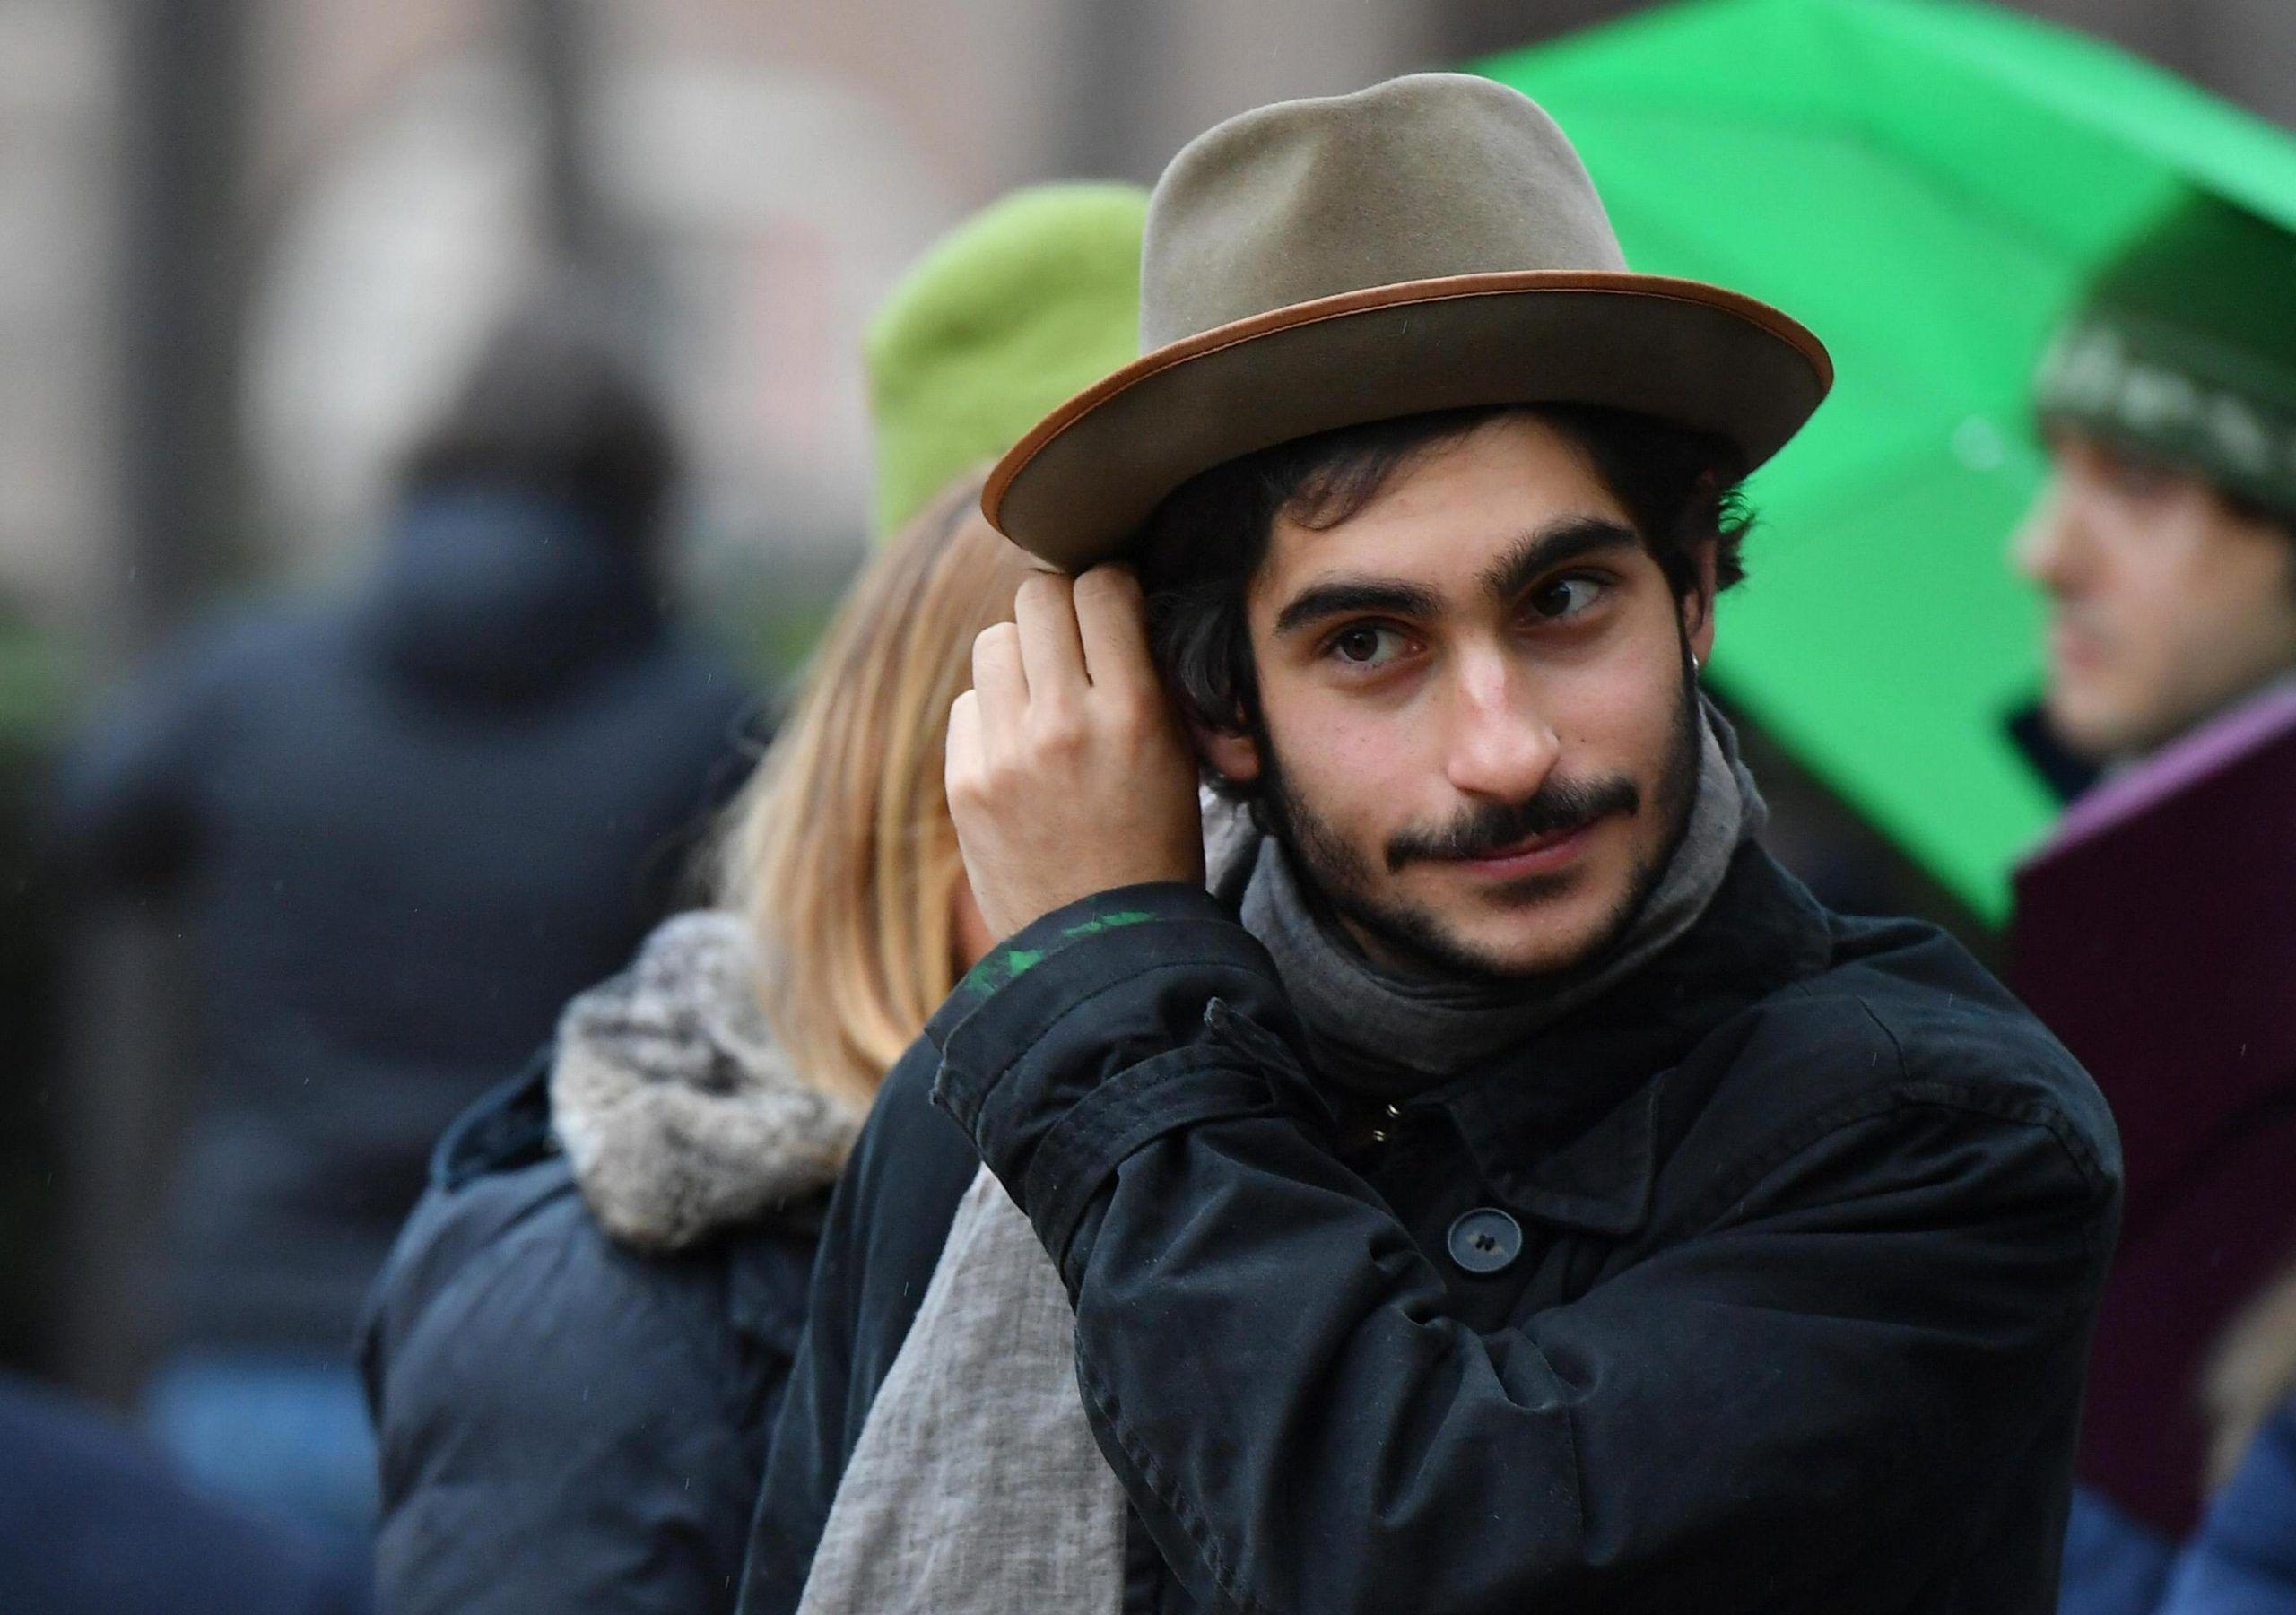 Morte Ennio Fantastichini, il ricordo del figlio: 'Sei stata una mina vagante'